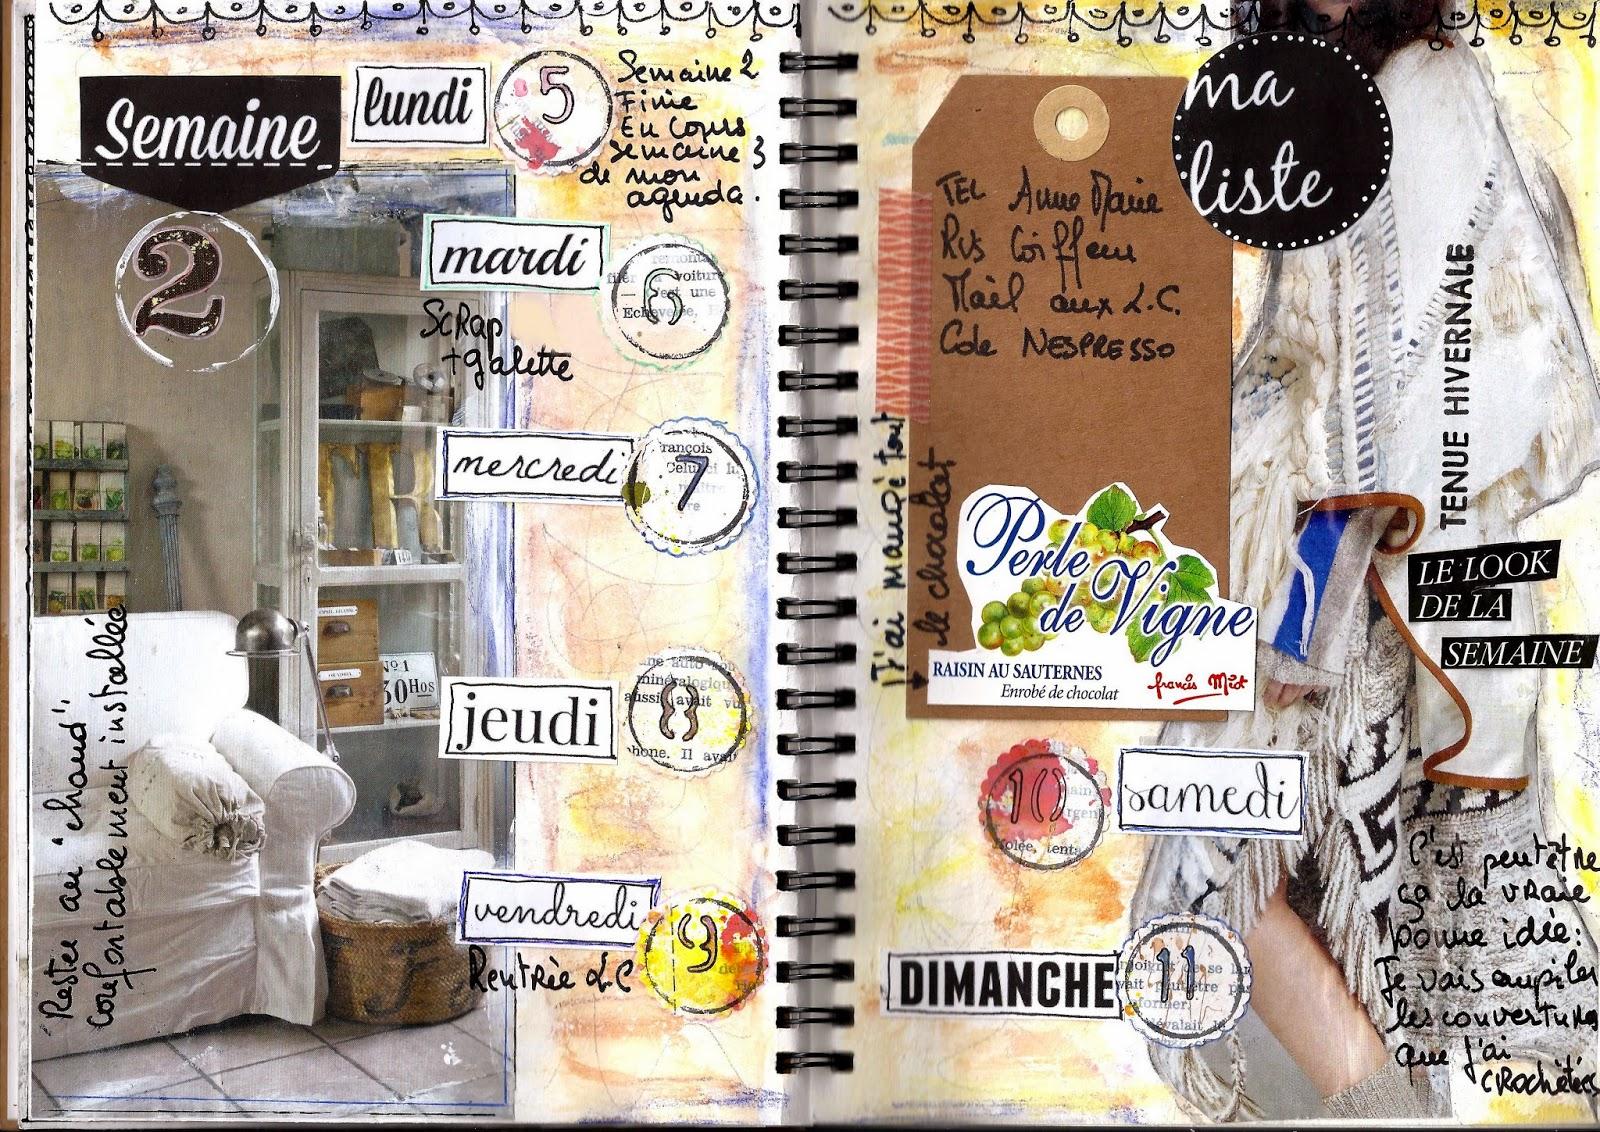 Mon agenda personnalis en 2015 janvier - Comment customiser un classeur ...